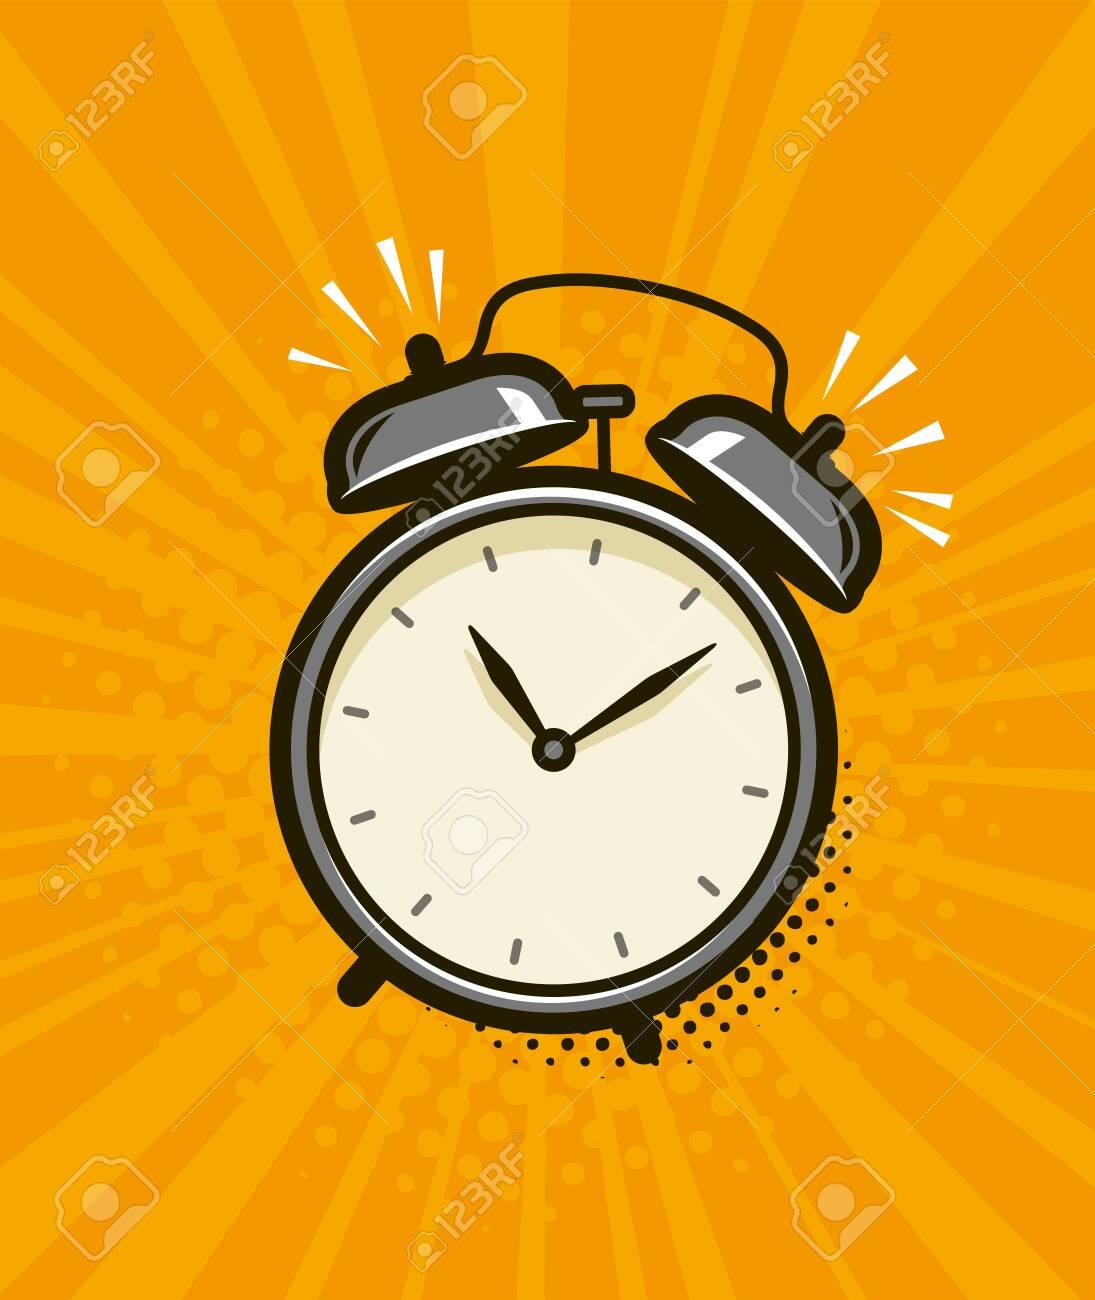 Ringing alarm clock. Retro comic pop art vector - 149672241